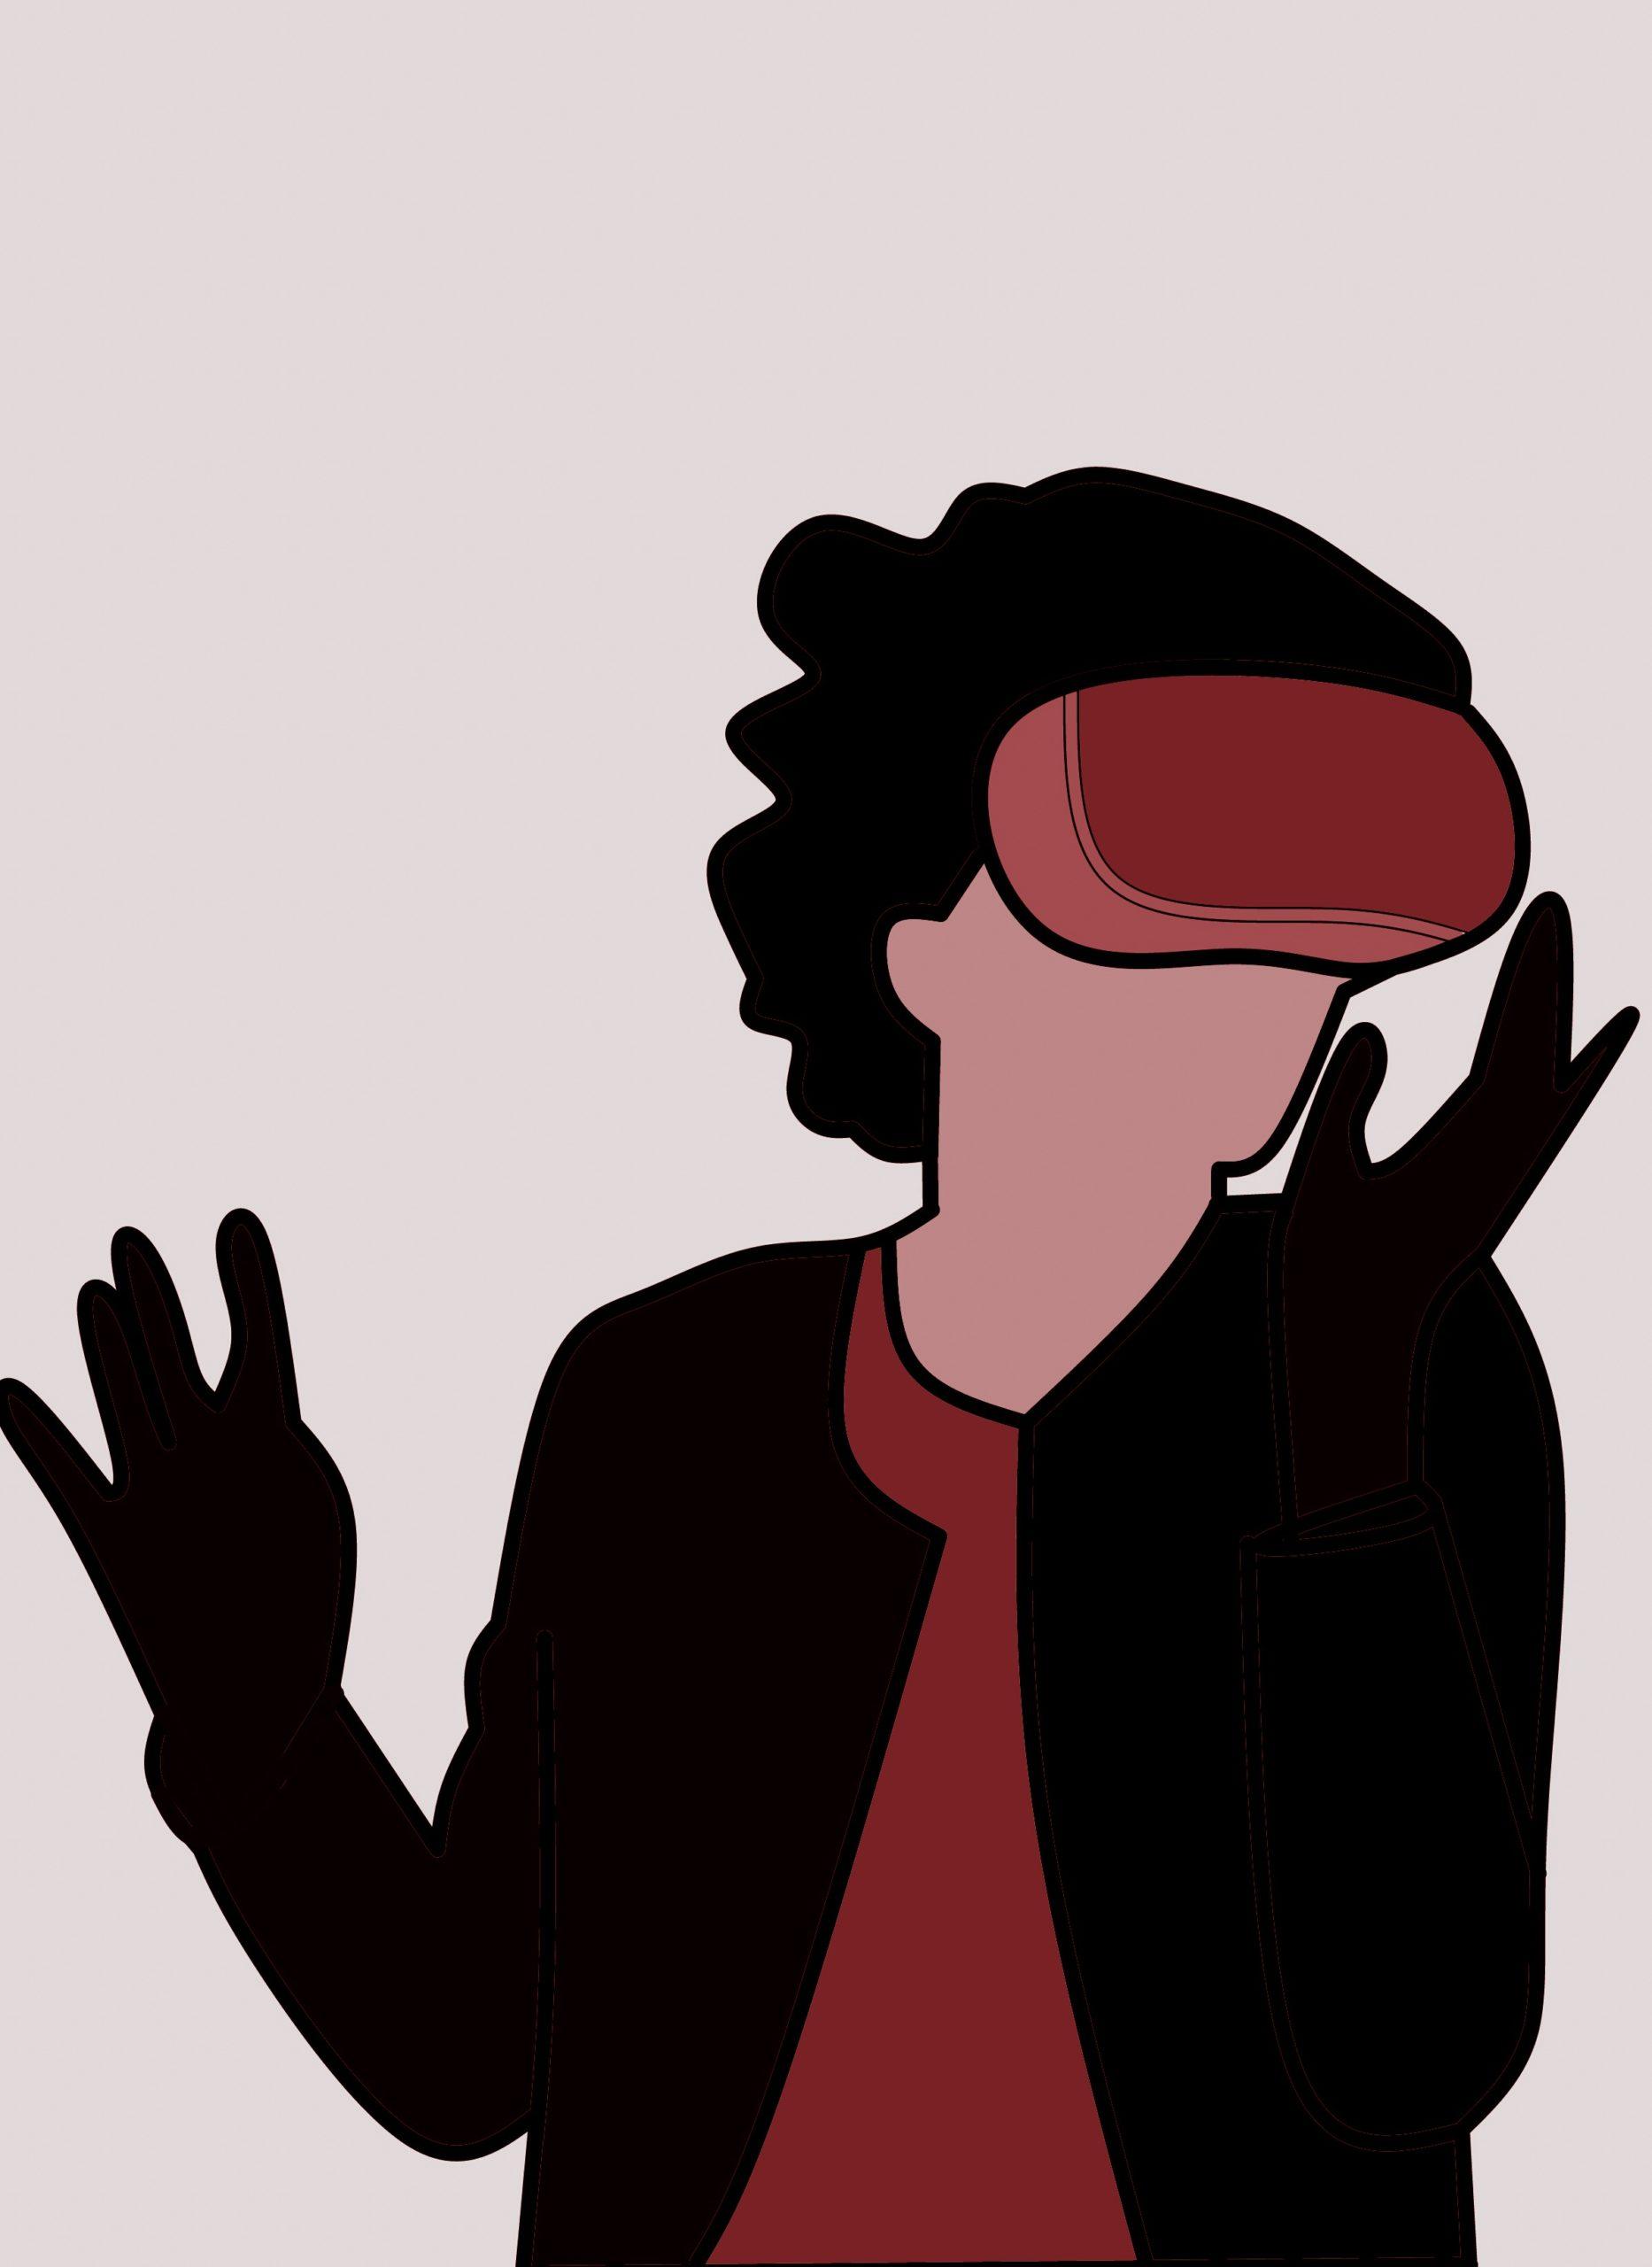 vr, reality, virtual tourism